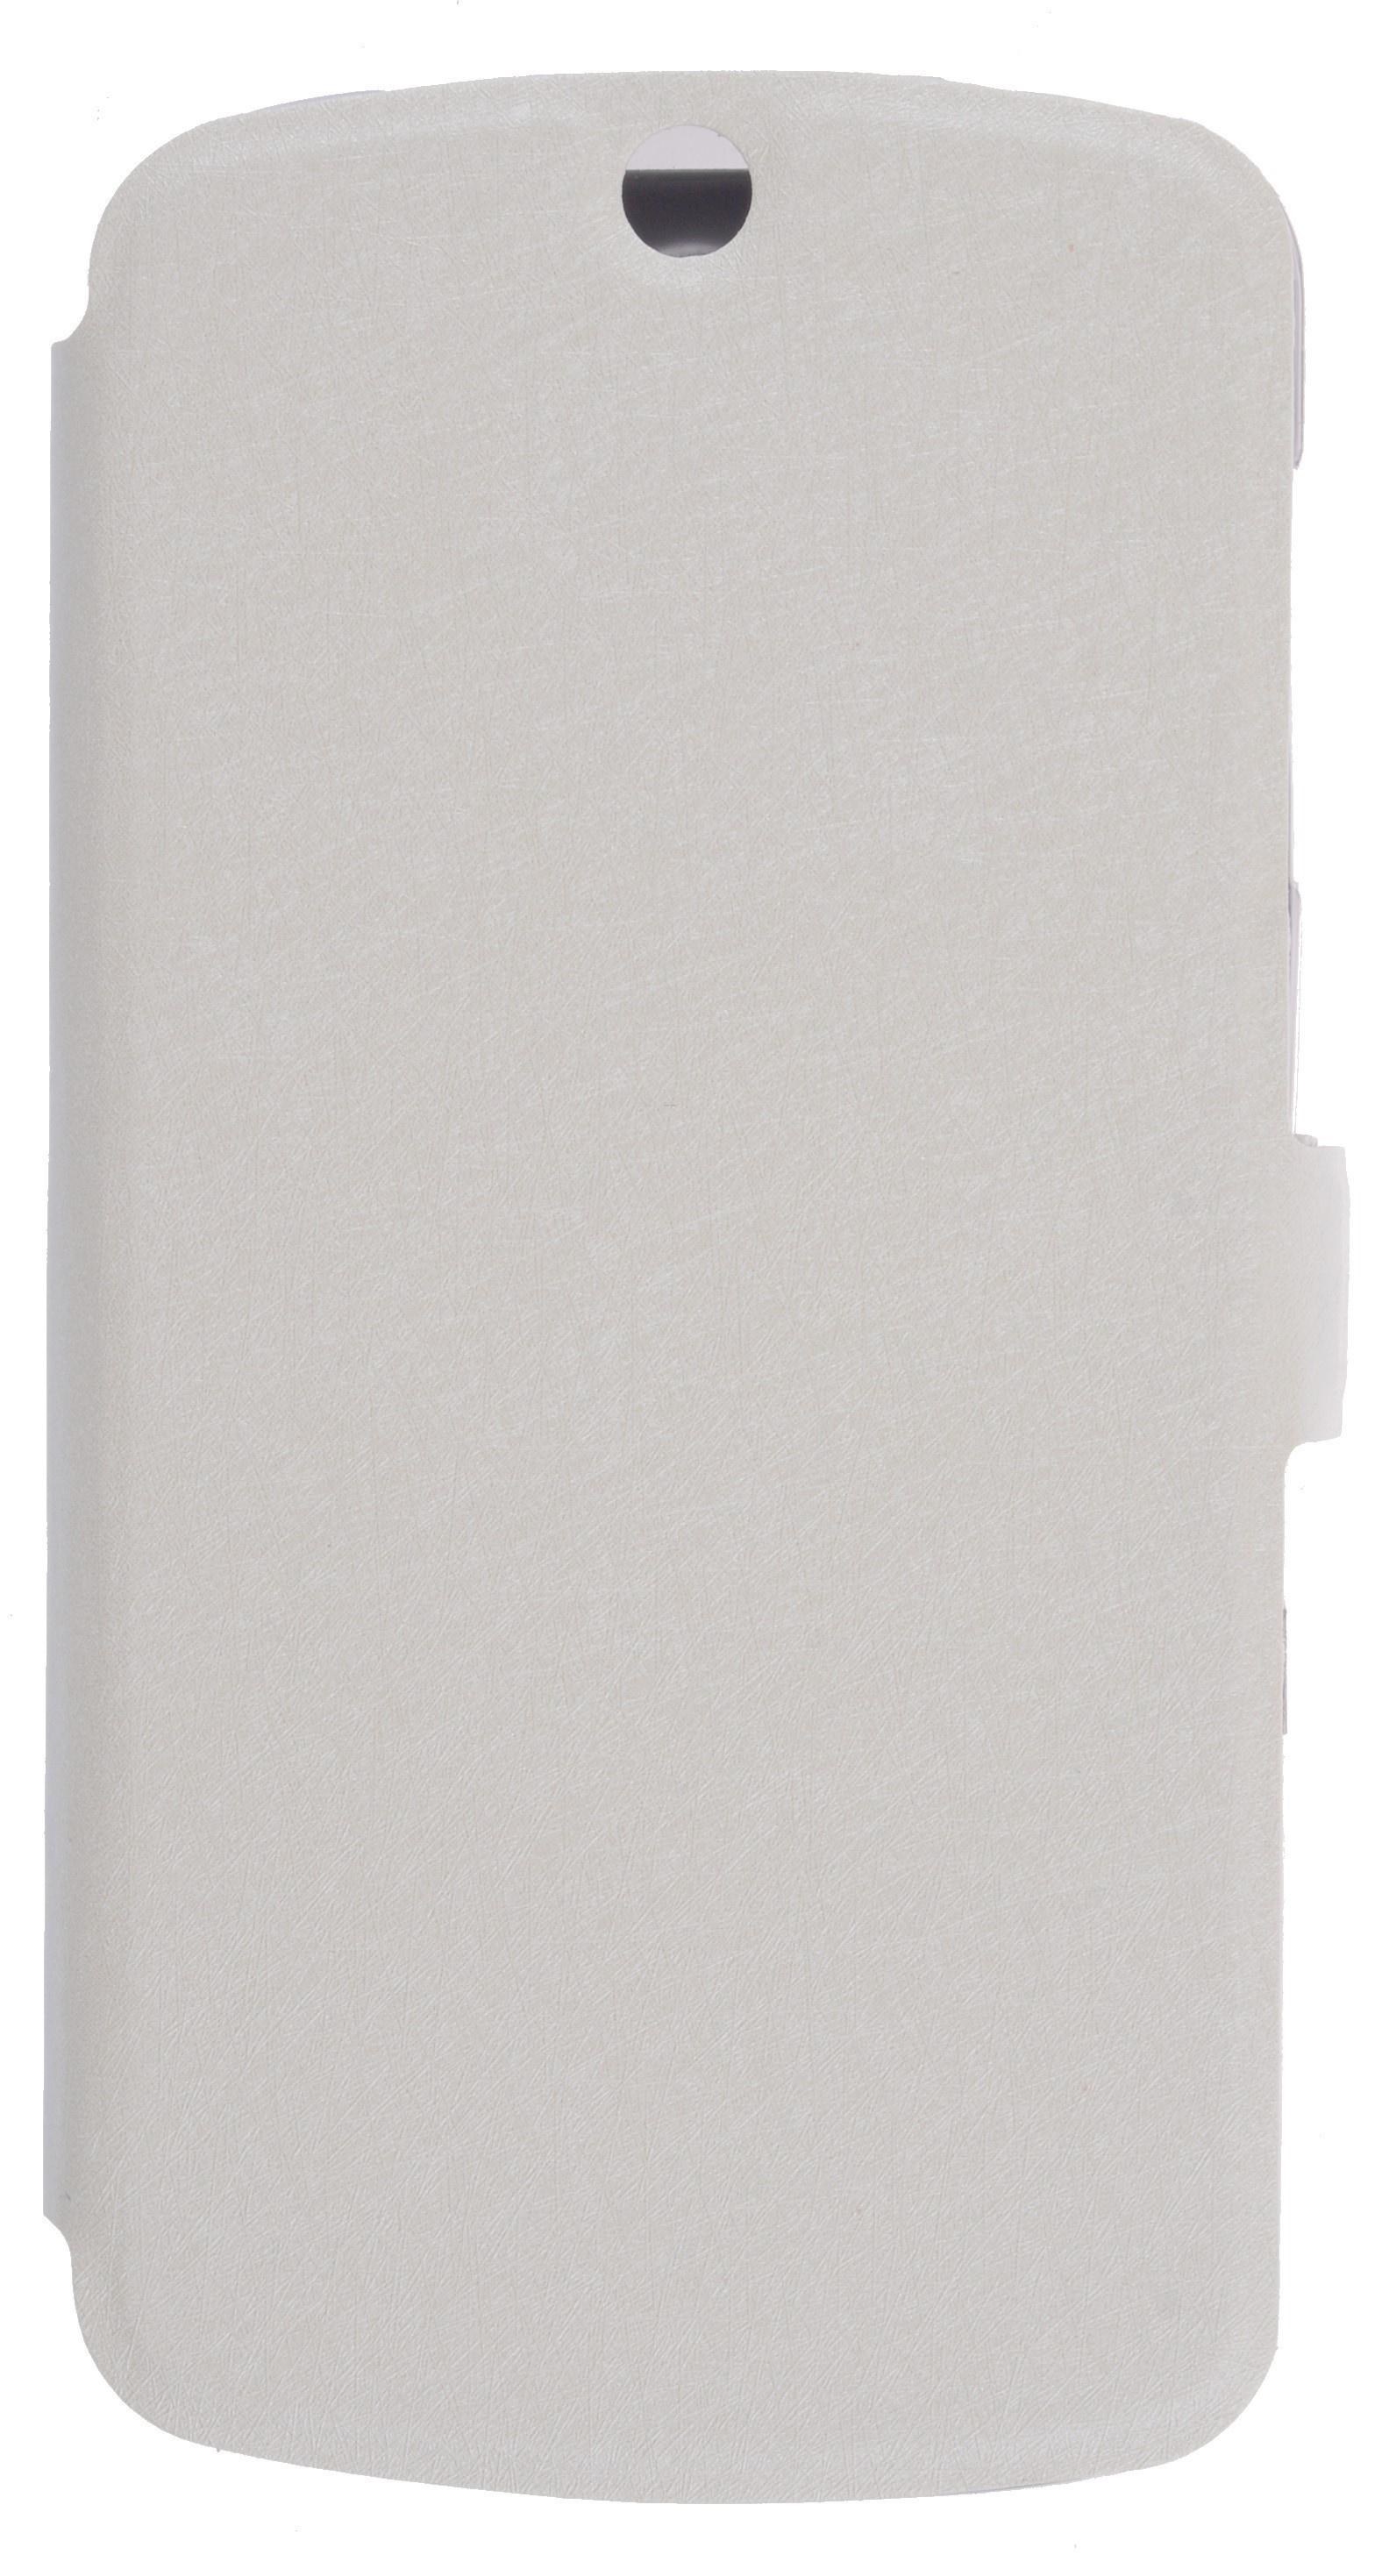 Чехол для сотового телефона PRIME Book, 4630042525443, белый недорго, оригинальная цена